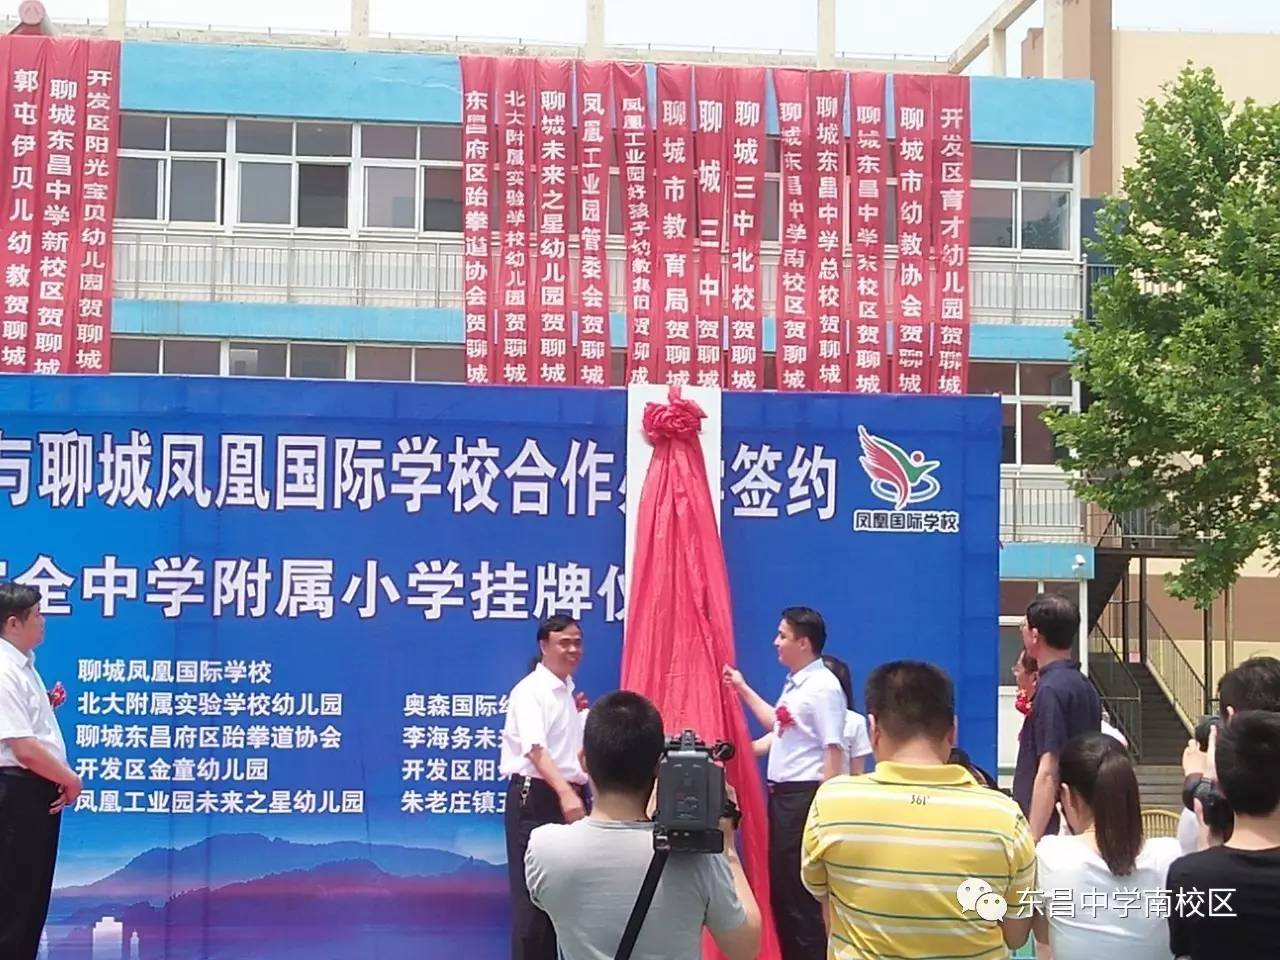 聊城东昌完全中学与聊城凤凰国际学校合作办学签约暨聊城东昌完全